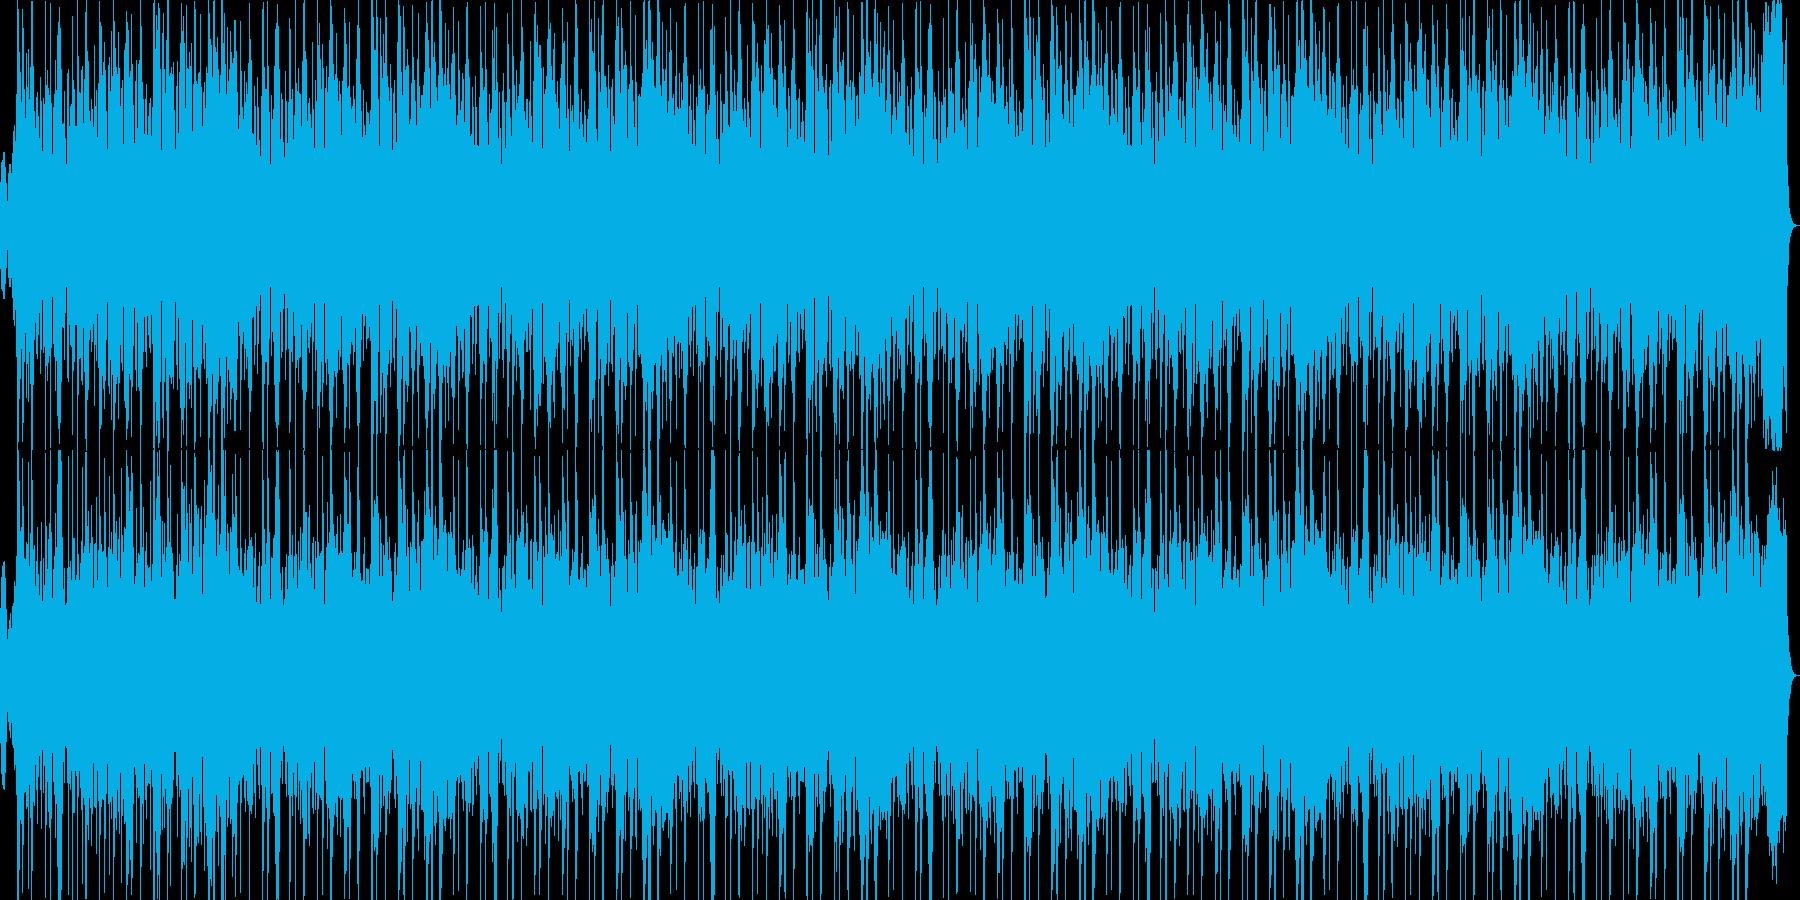 オーケストラ演劇用ナレーションBGMの再生済みの波形